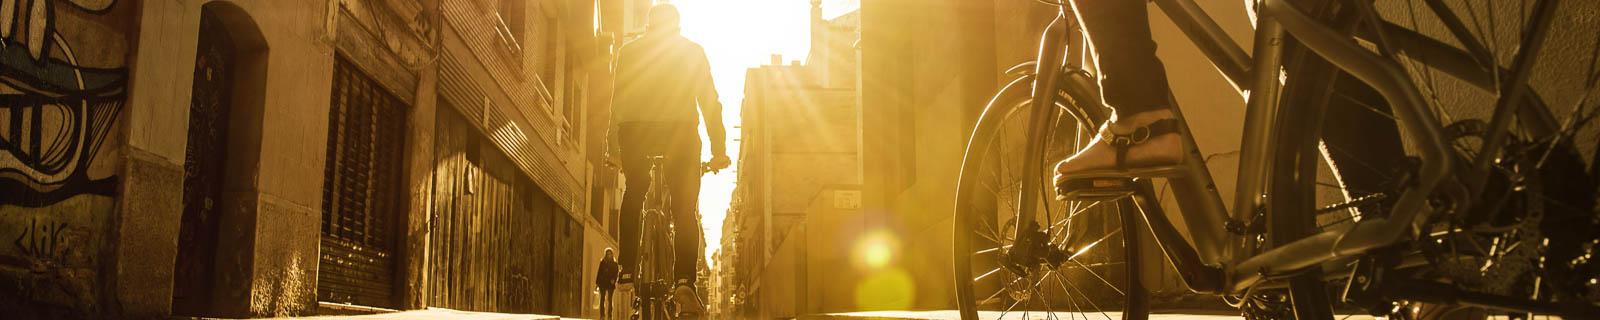 La migliore bicicletta per la città e tour